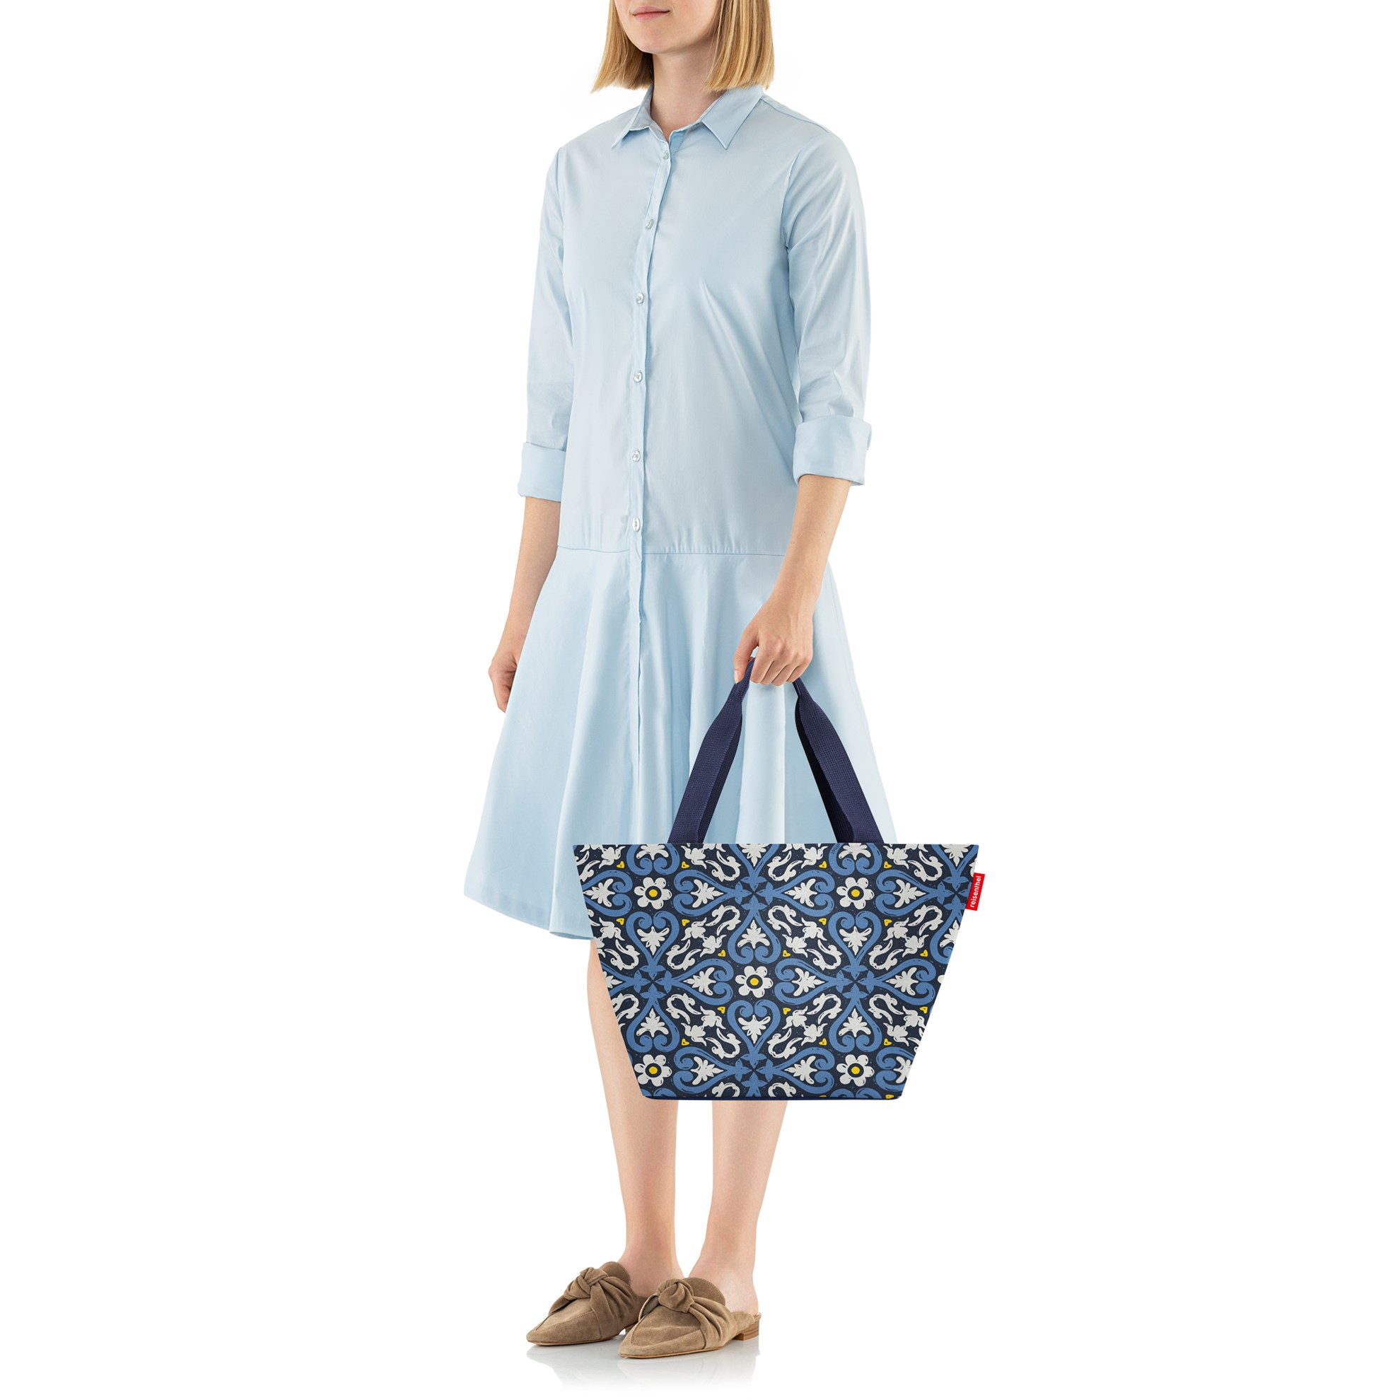 Nákupní taška Shopper M floral 1_1